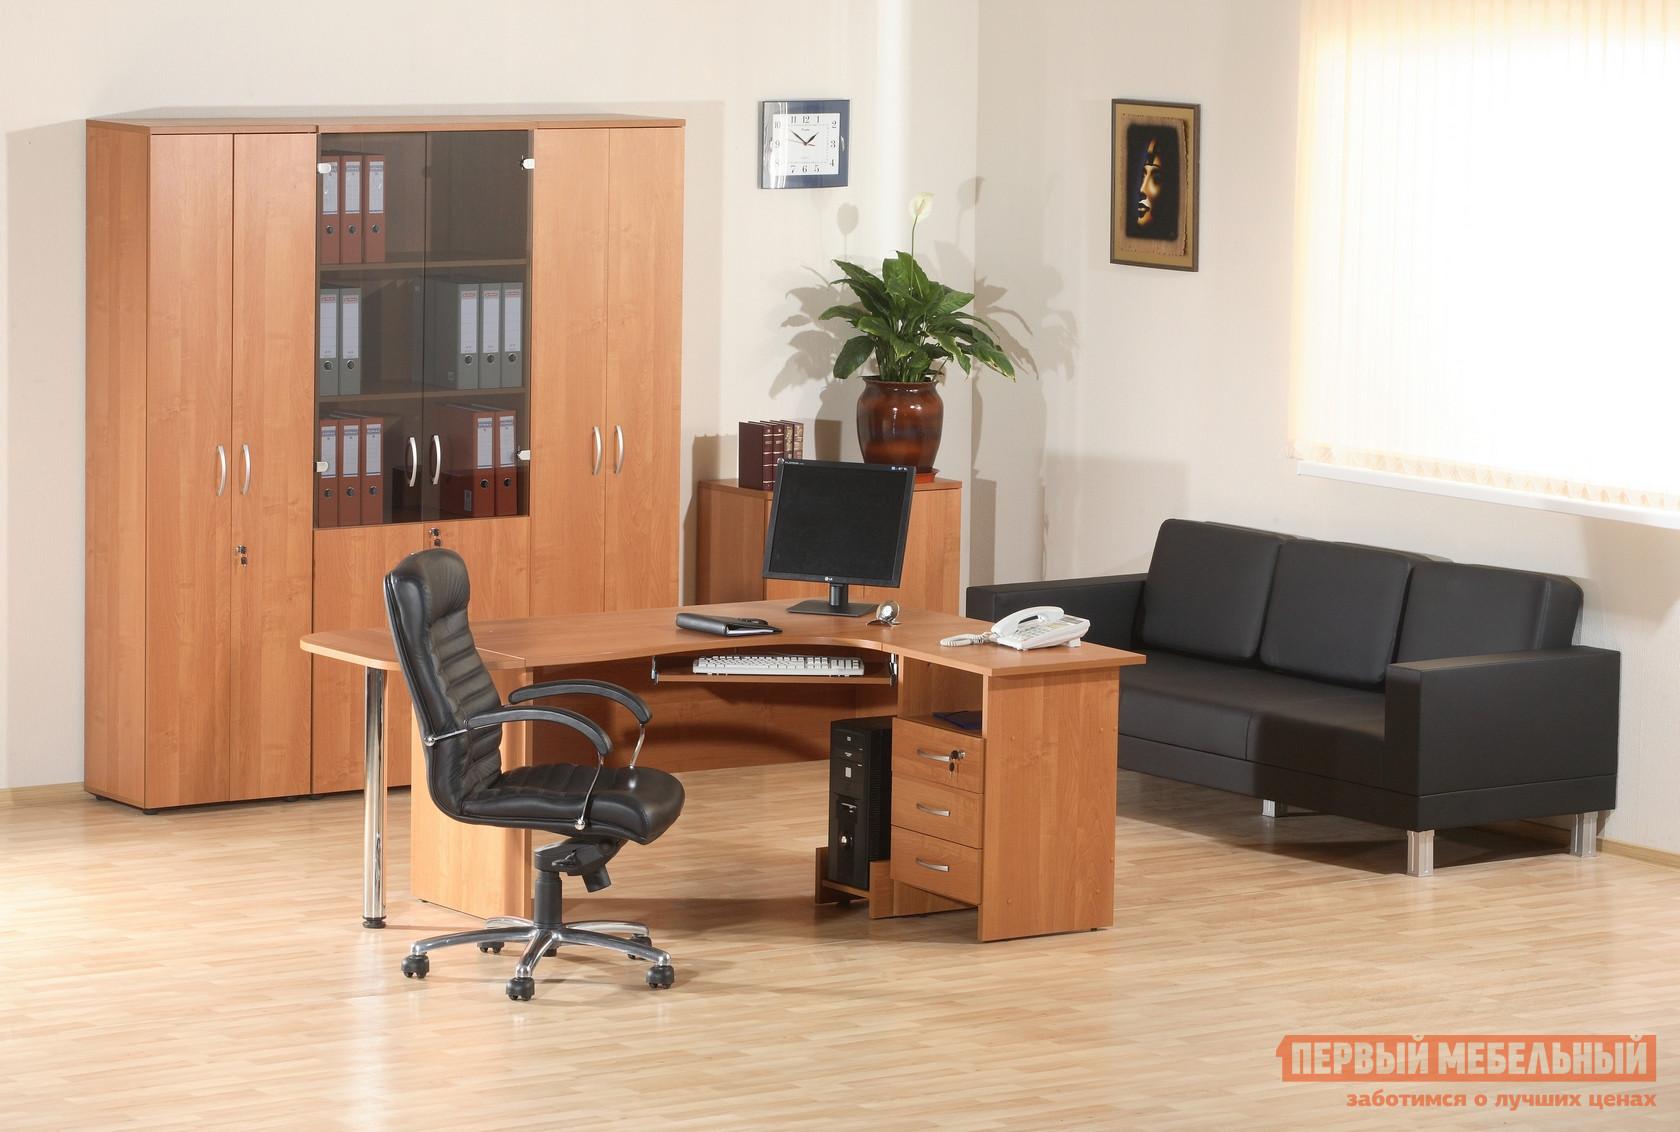 Комплект офисной мебели Витра Альфа К5 комплект мебели для кухни витра палермо 300